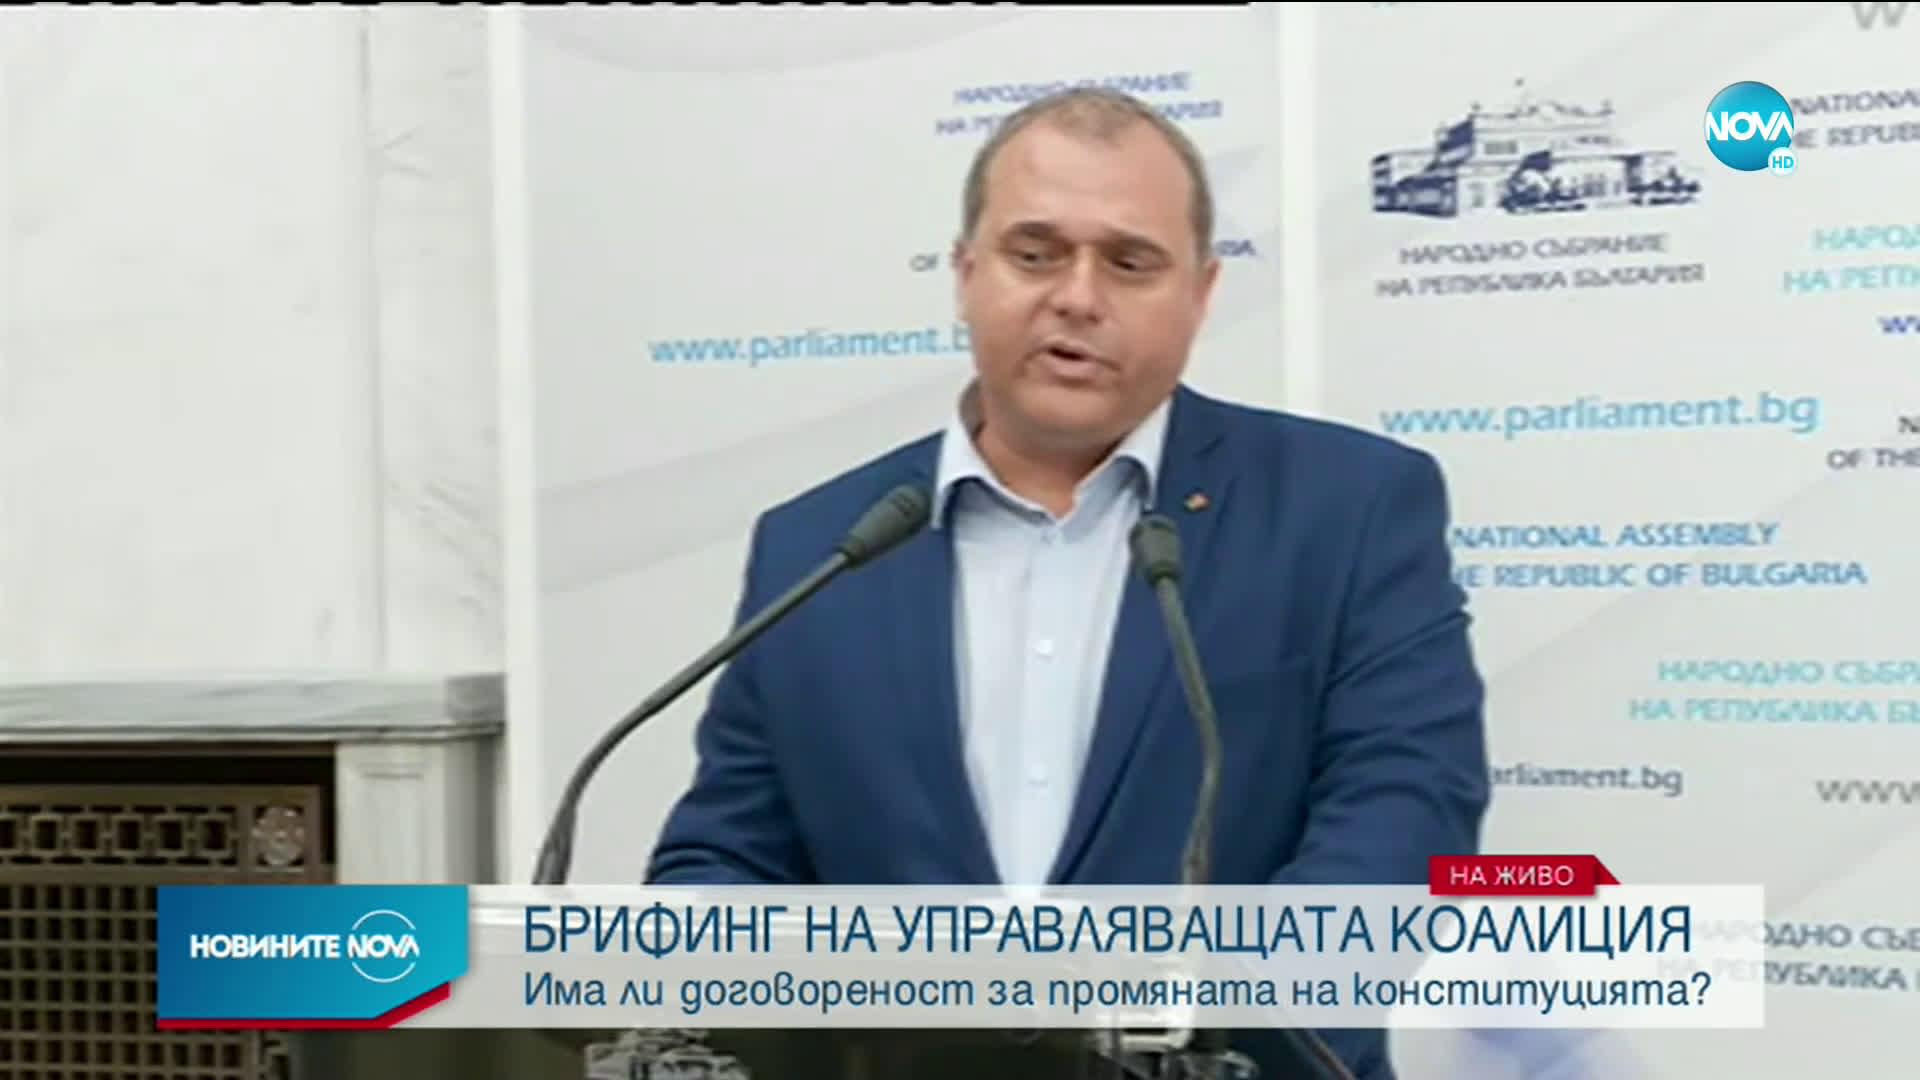 ГЕРБ събра подкрепа за новата конституция след направени промени (ВИДЕО)